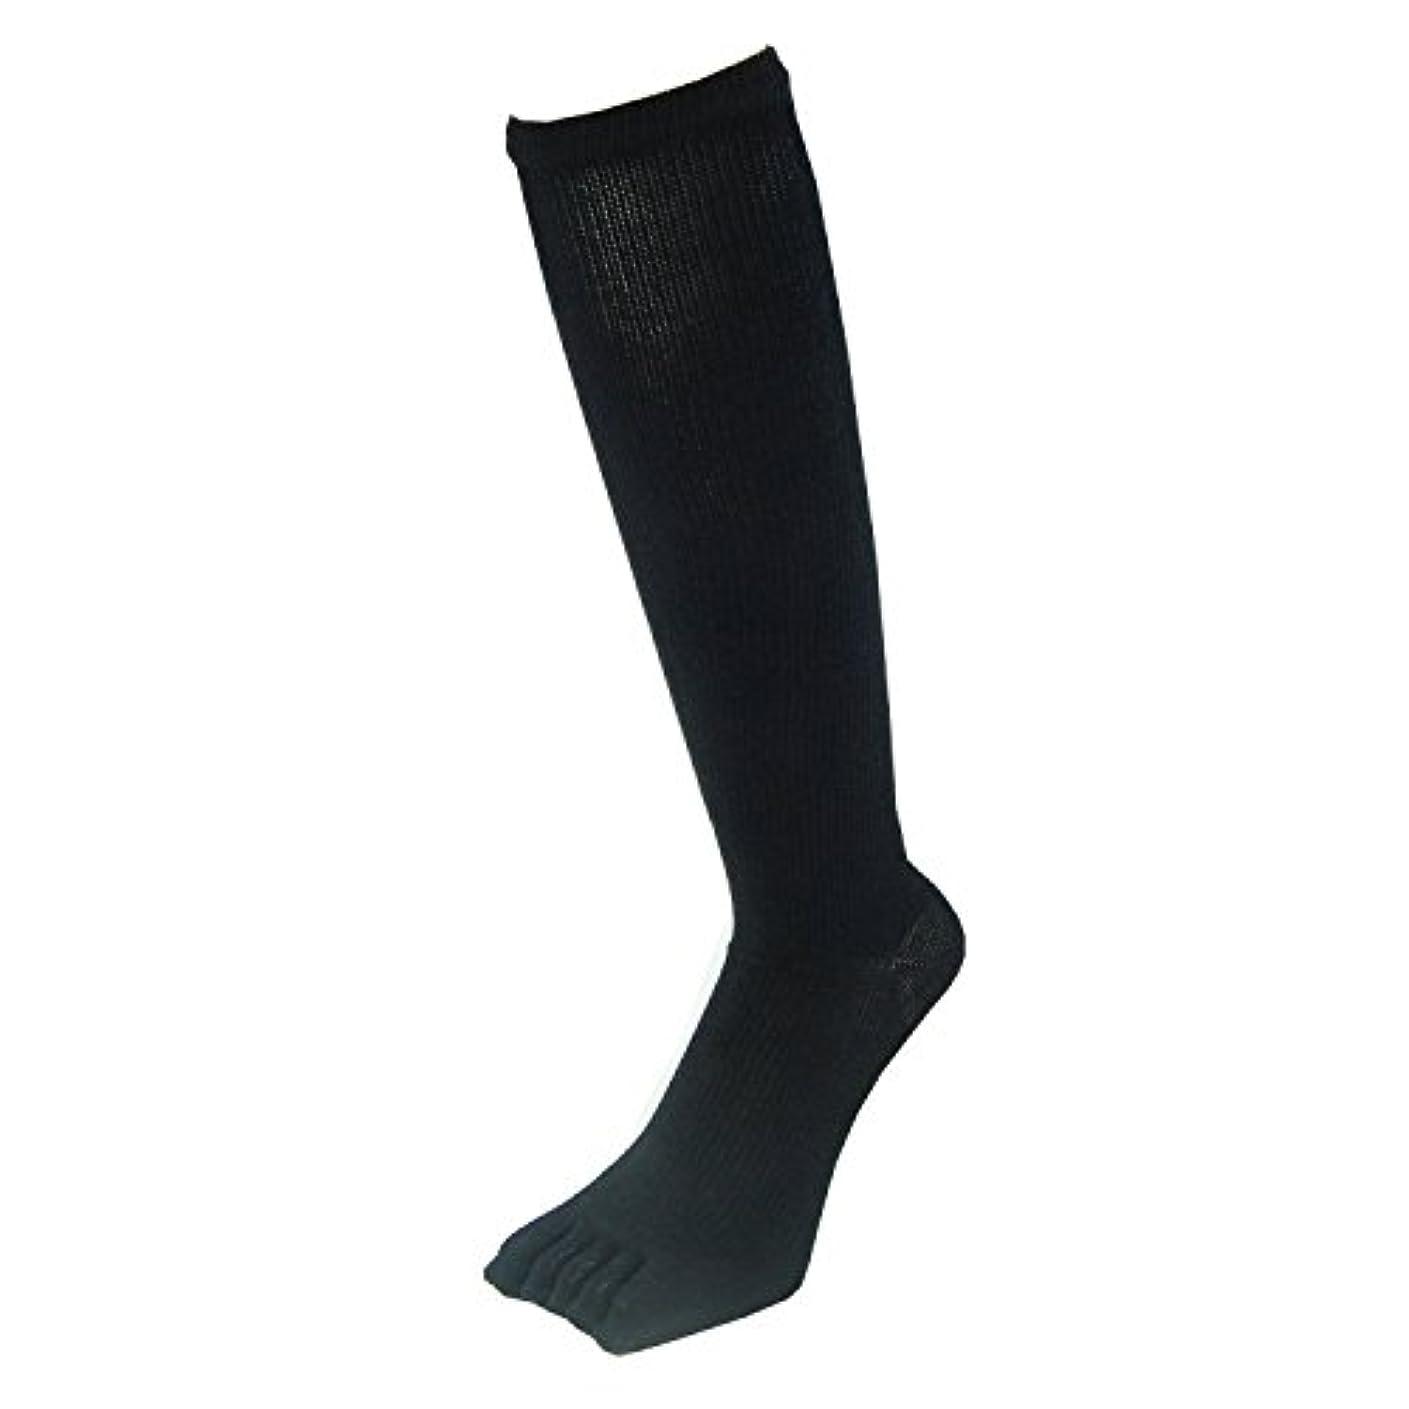 かすれた証書ずるいPAX-ASIAN 紳士?メンズ 五本指ハイソックス 着圧靴下 ムクミ解消 抗菌防臭 サポート 黒色?ブラック 3足組 #801